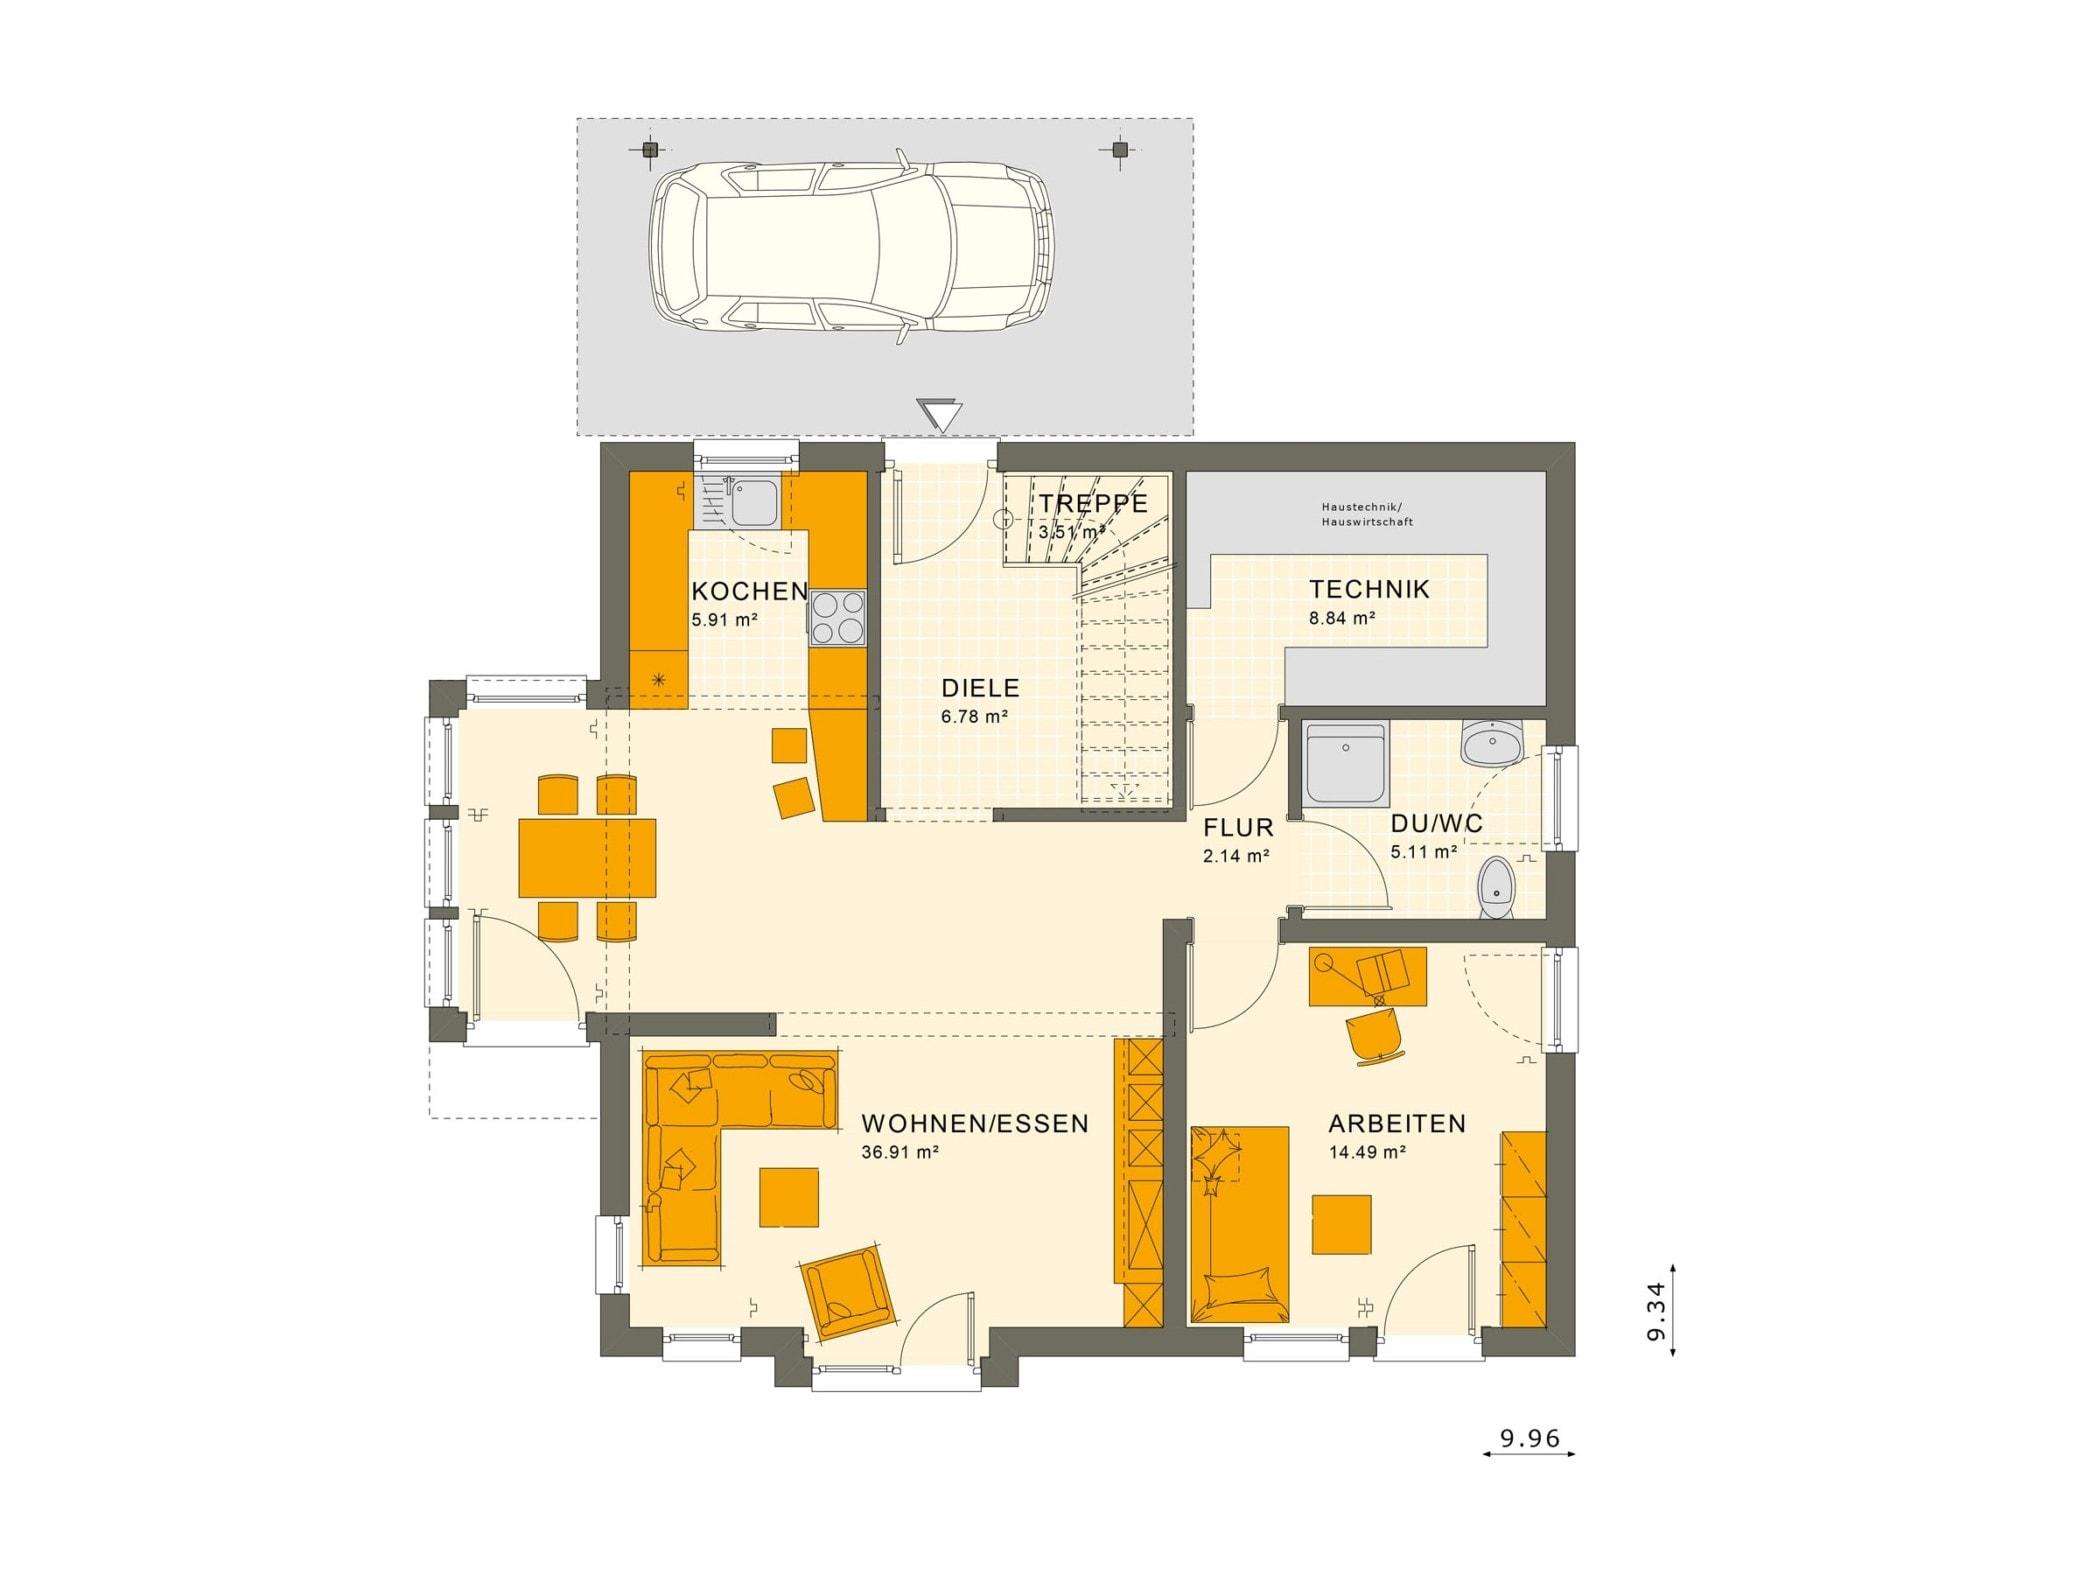 Einfamilienhaus Grundriss Erdgeschoss mit Carport, 5 Zimmer, 150 qm - Fertighaus Living Haus SUNSHINE 151 V5 - HausbauDirekt.de